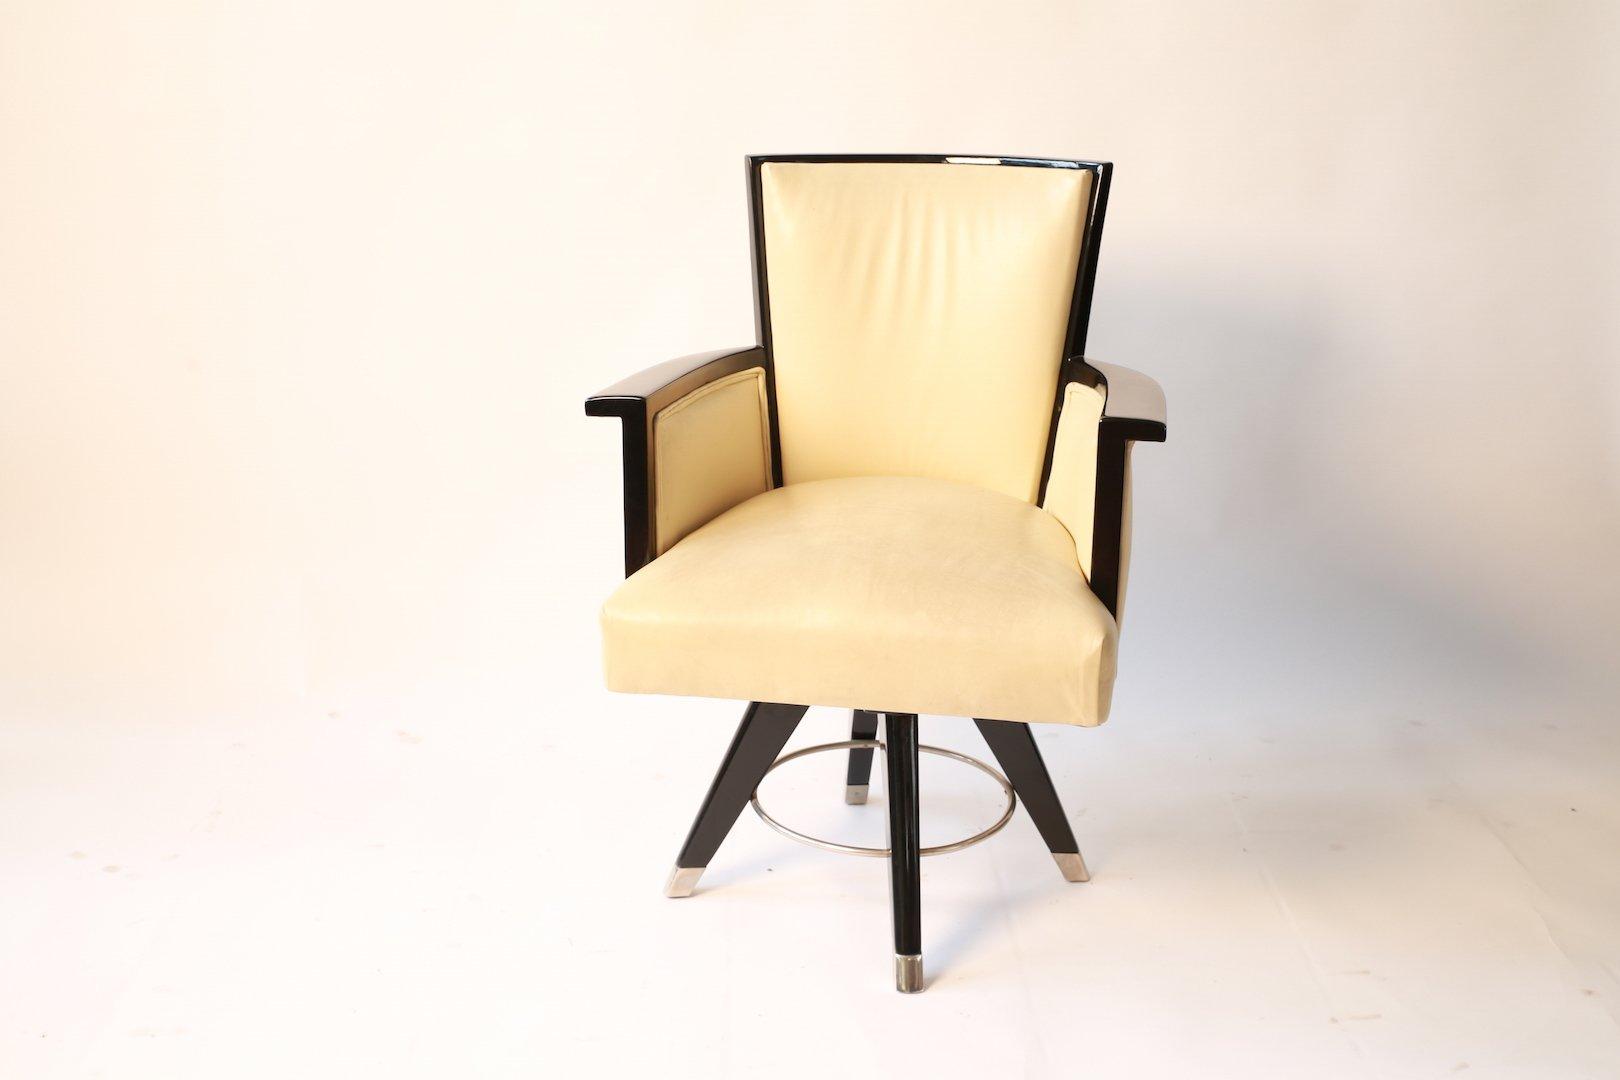 Sedia da scrivania art deco ebanizzata in vendita su pamono for Sedia scrivania design